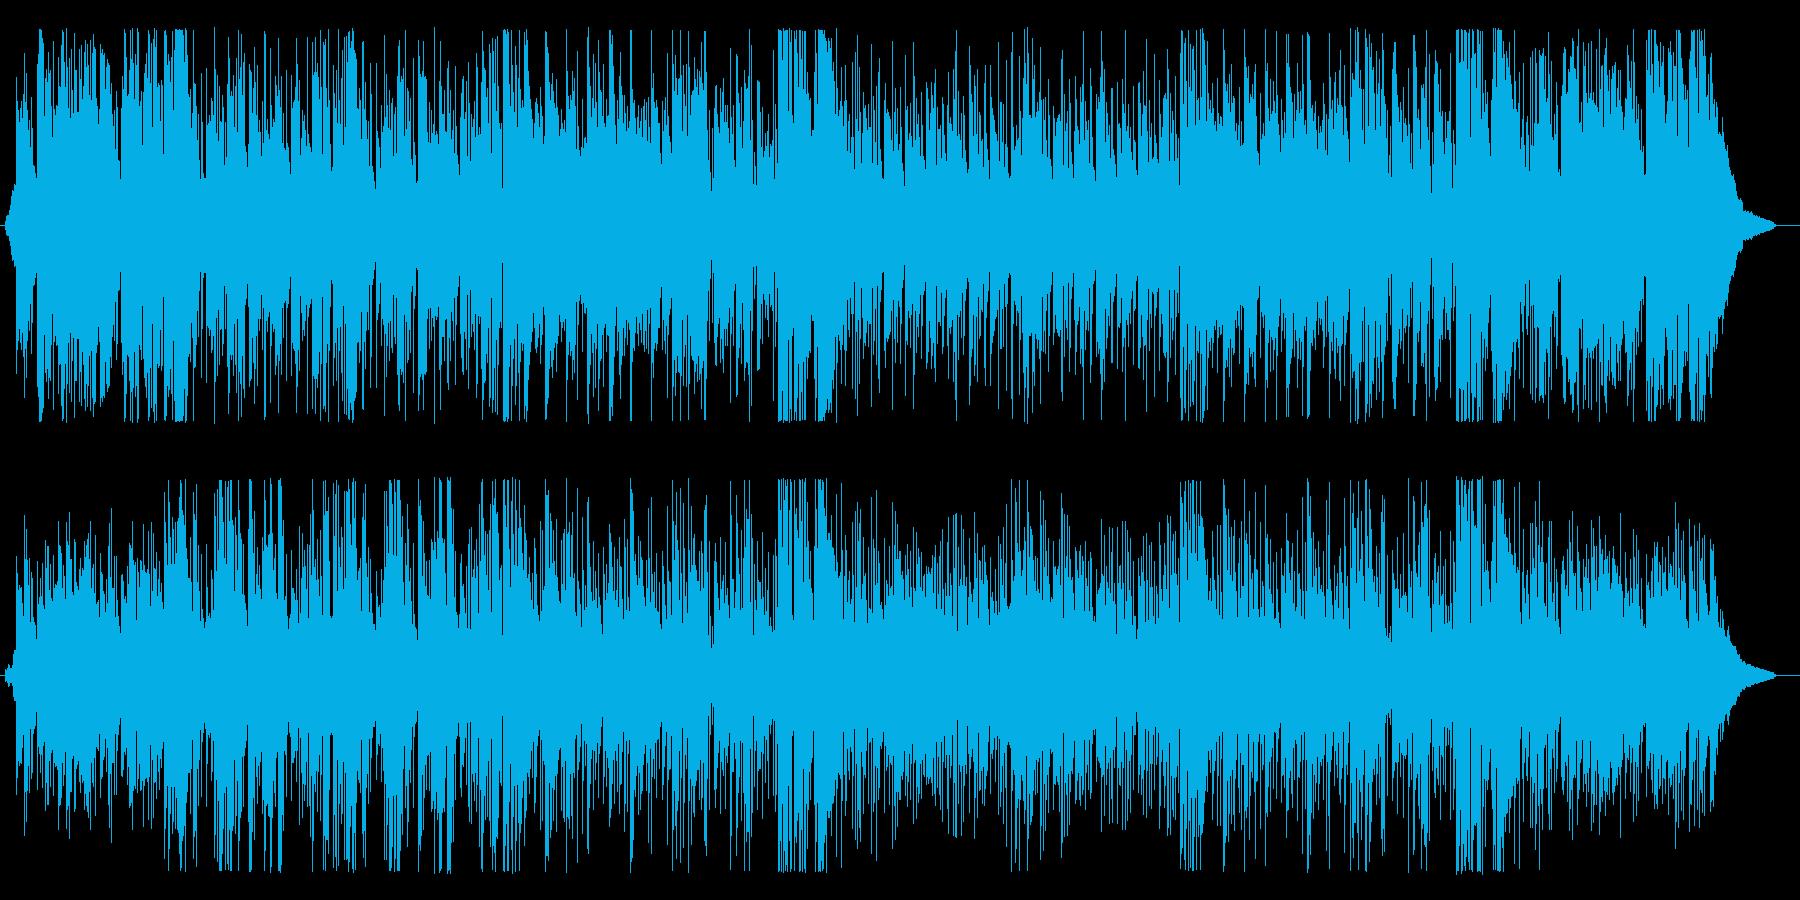 やさしく、爽快なエレピインスト。の再生済みの波形